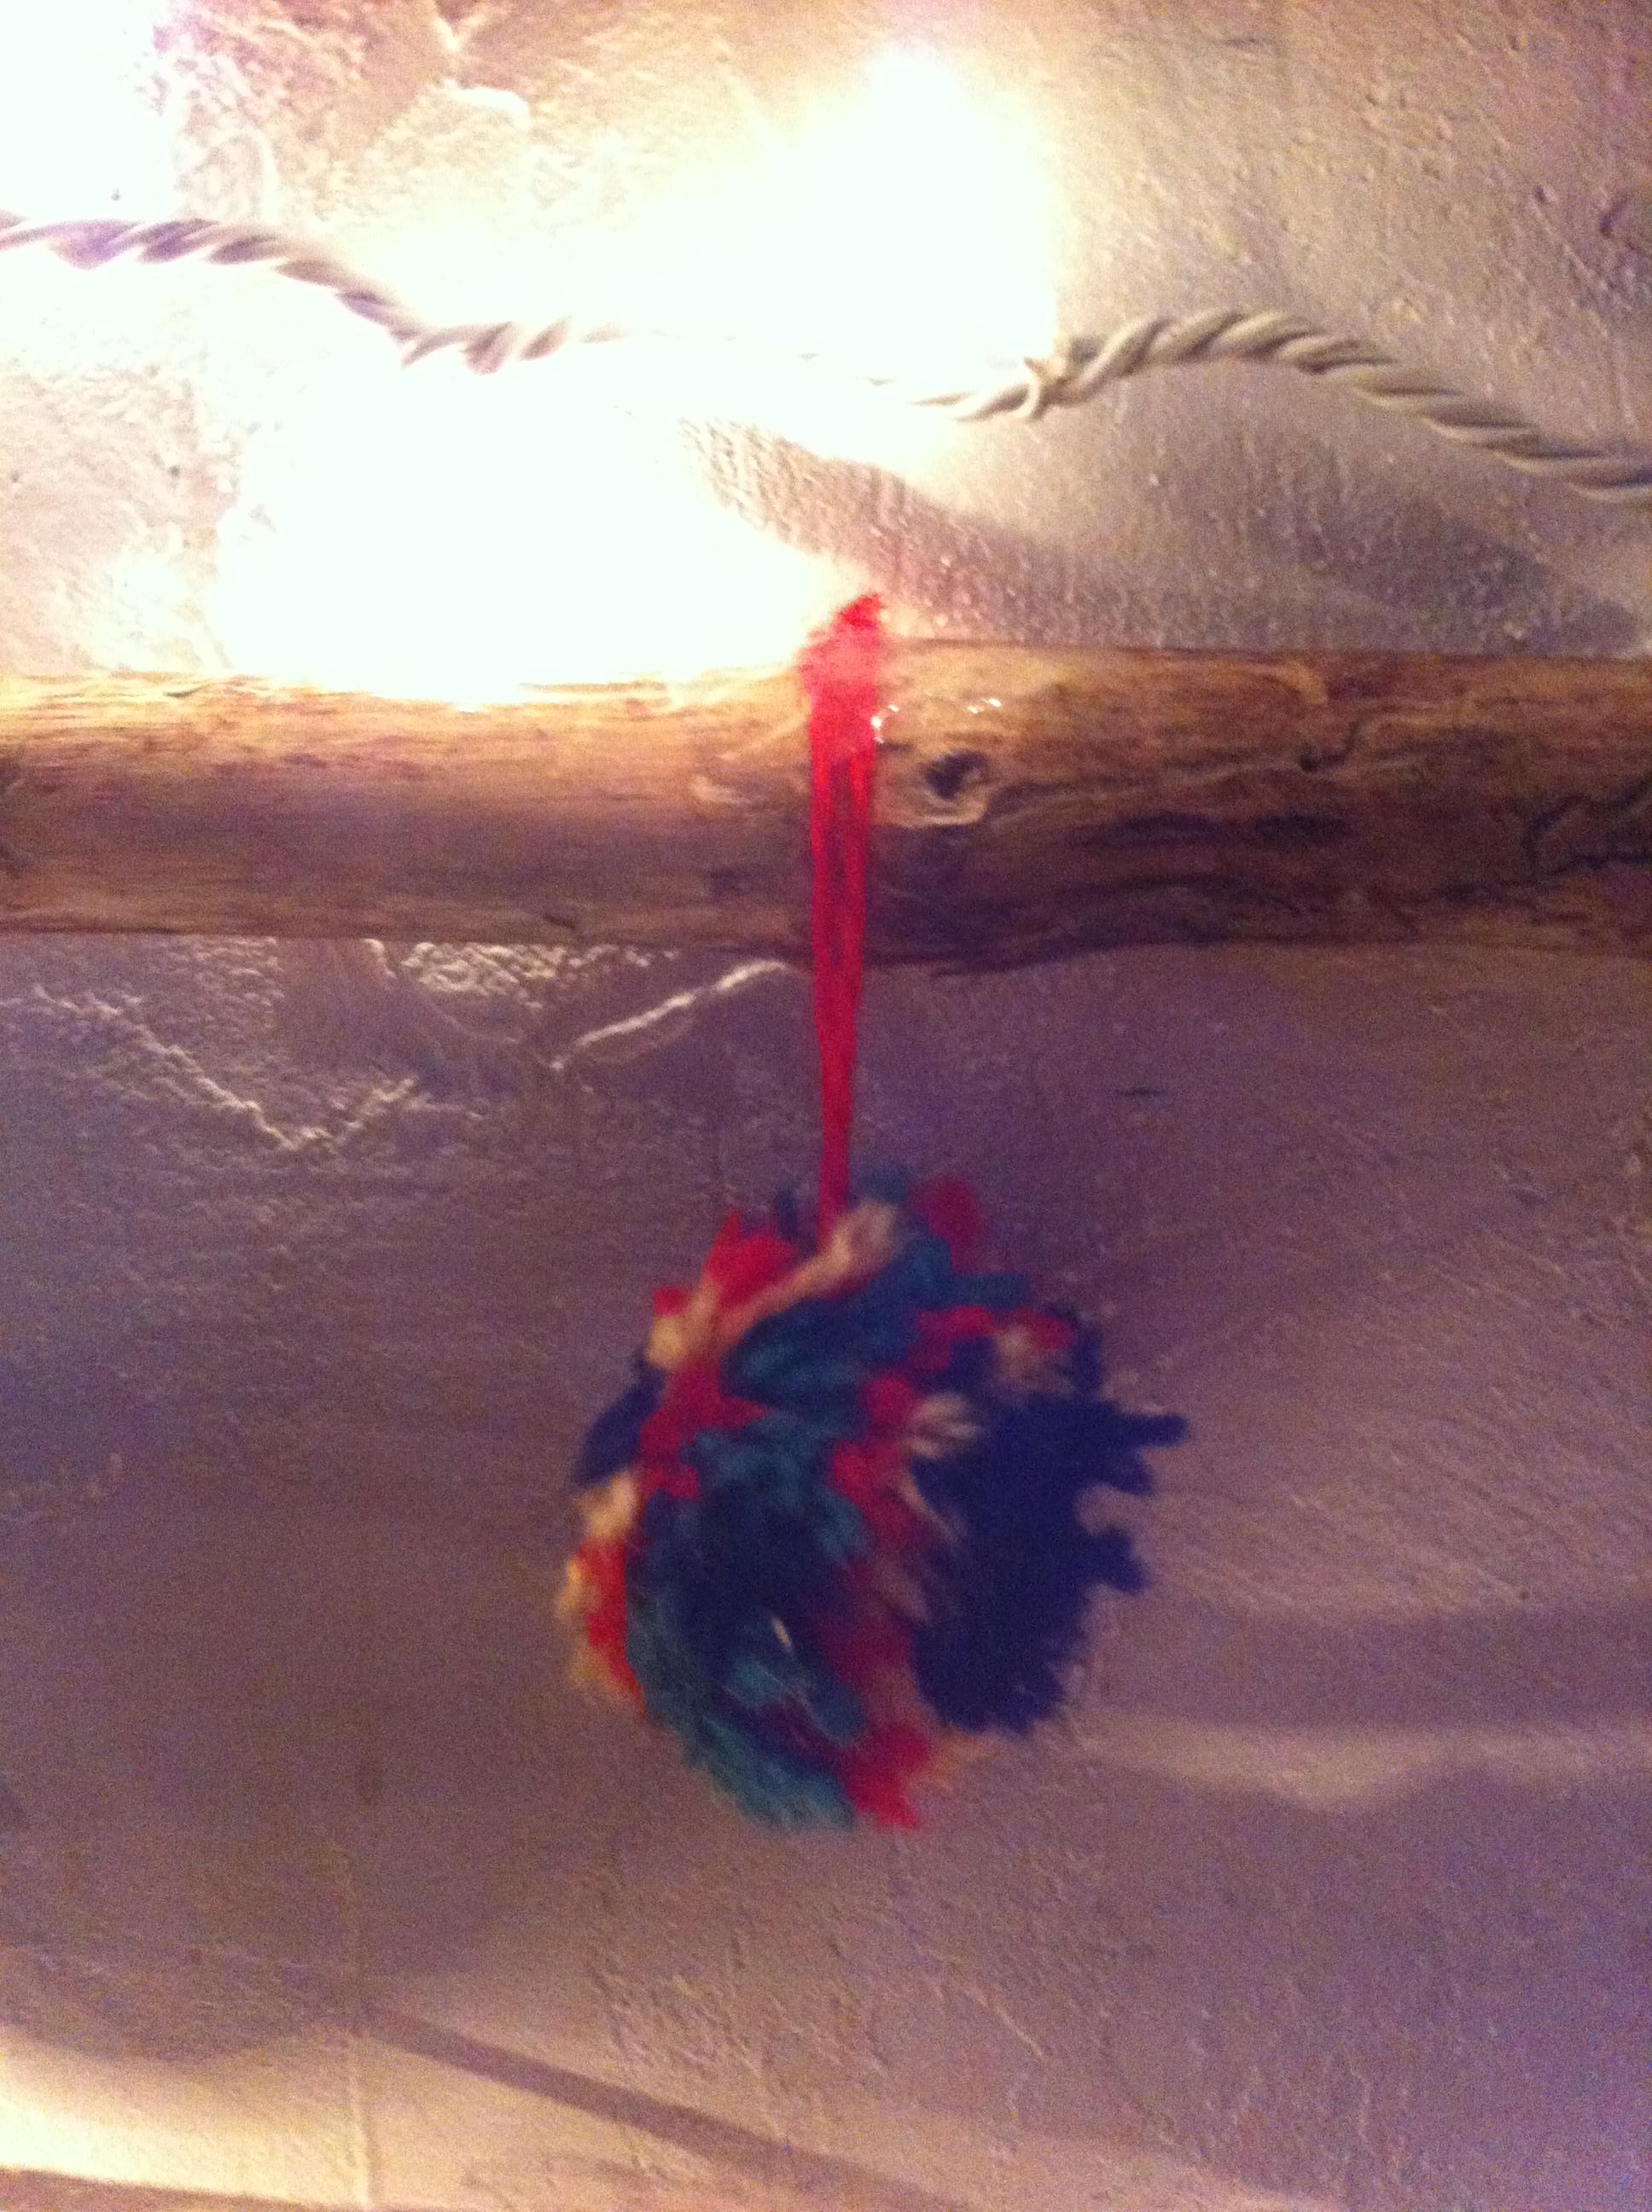 Oui Oui-arbol navidad ramas-troncos-DIY-arbol navidad diferente (6)